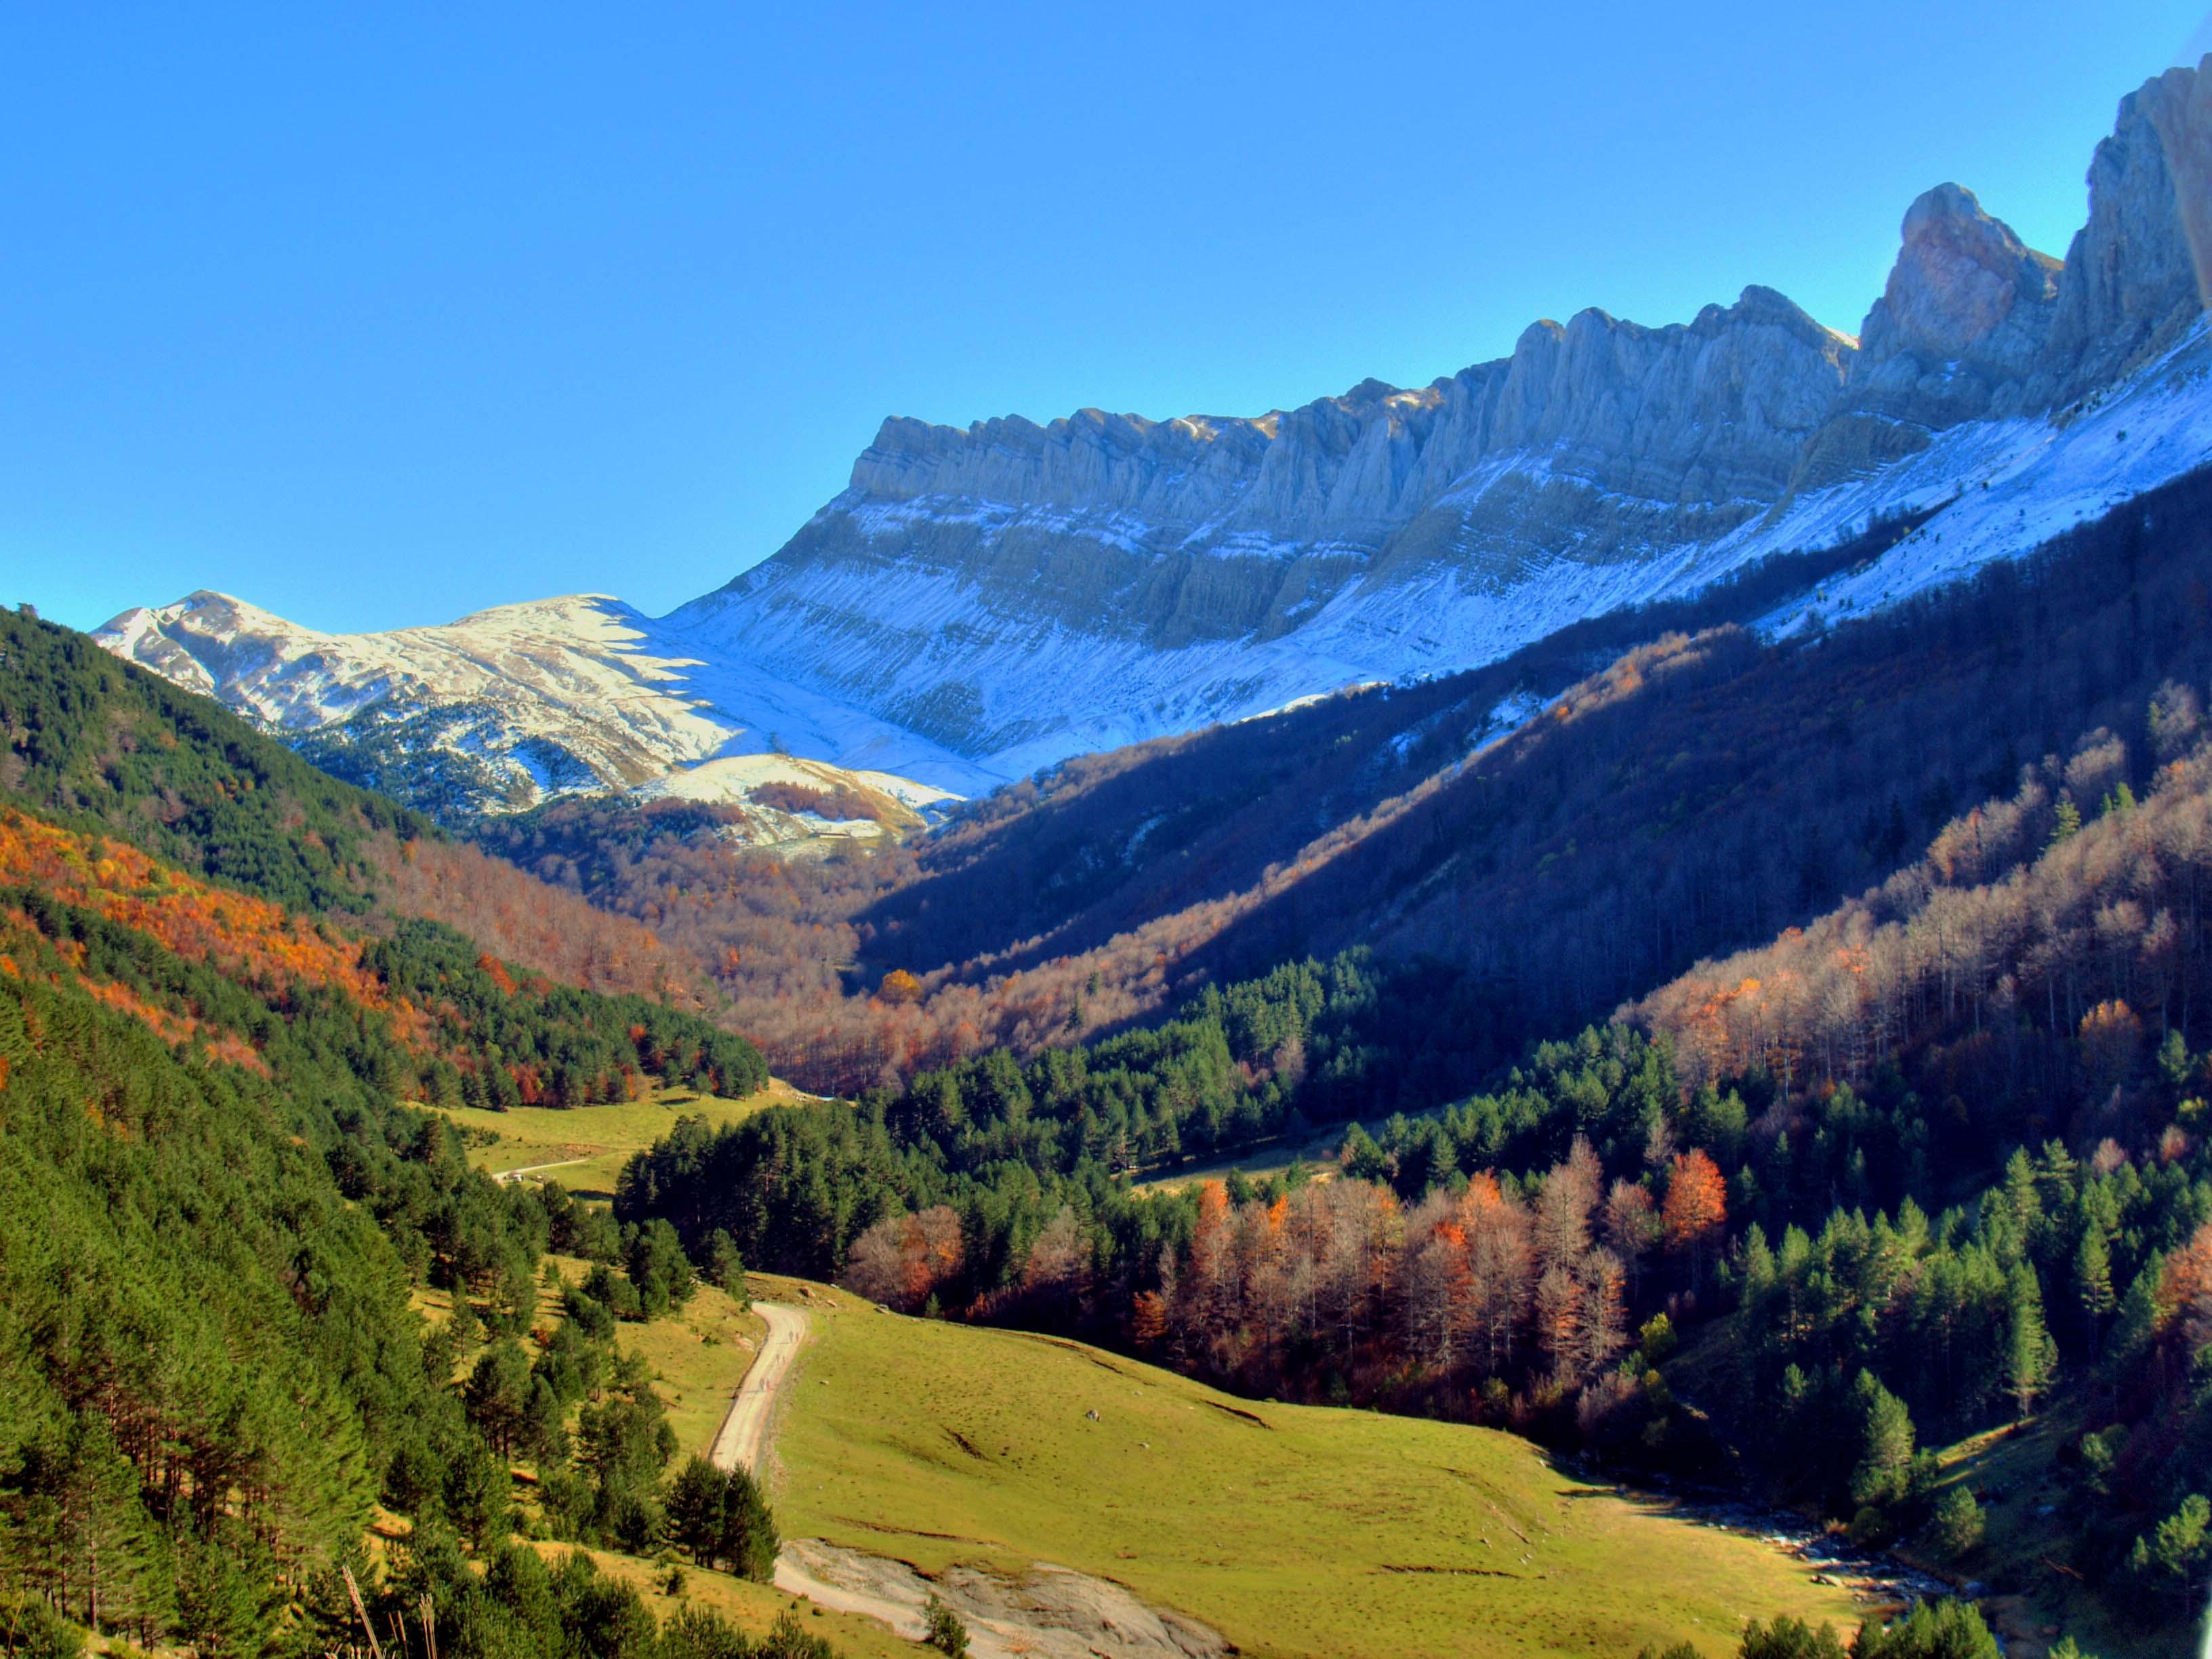 Parque natural de los valles occidentales espa a fascinante - Casas en el valles occidental ...